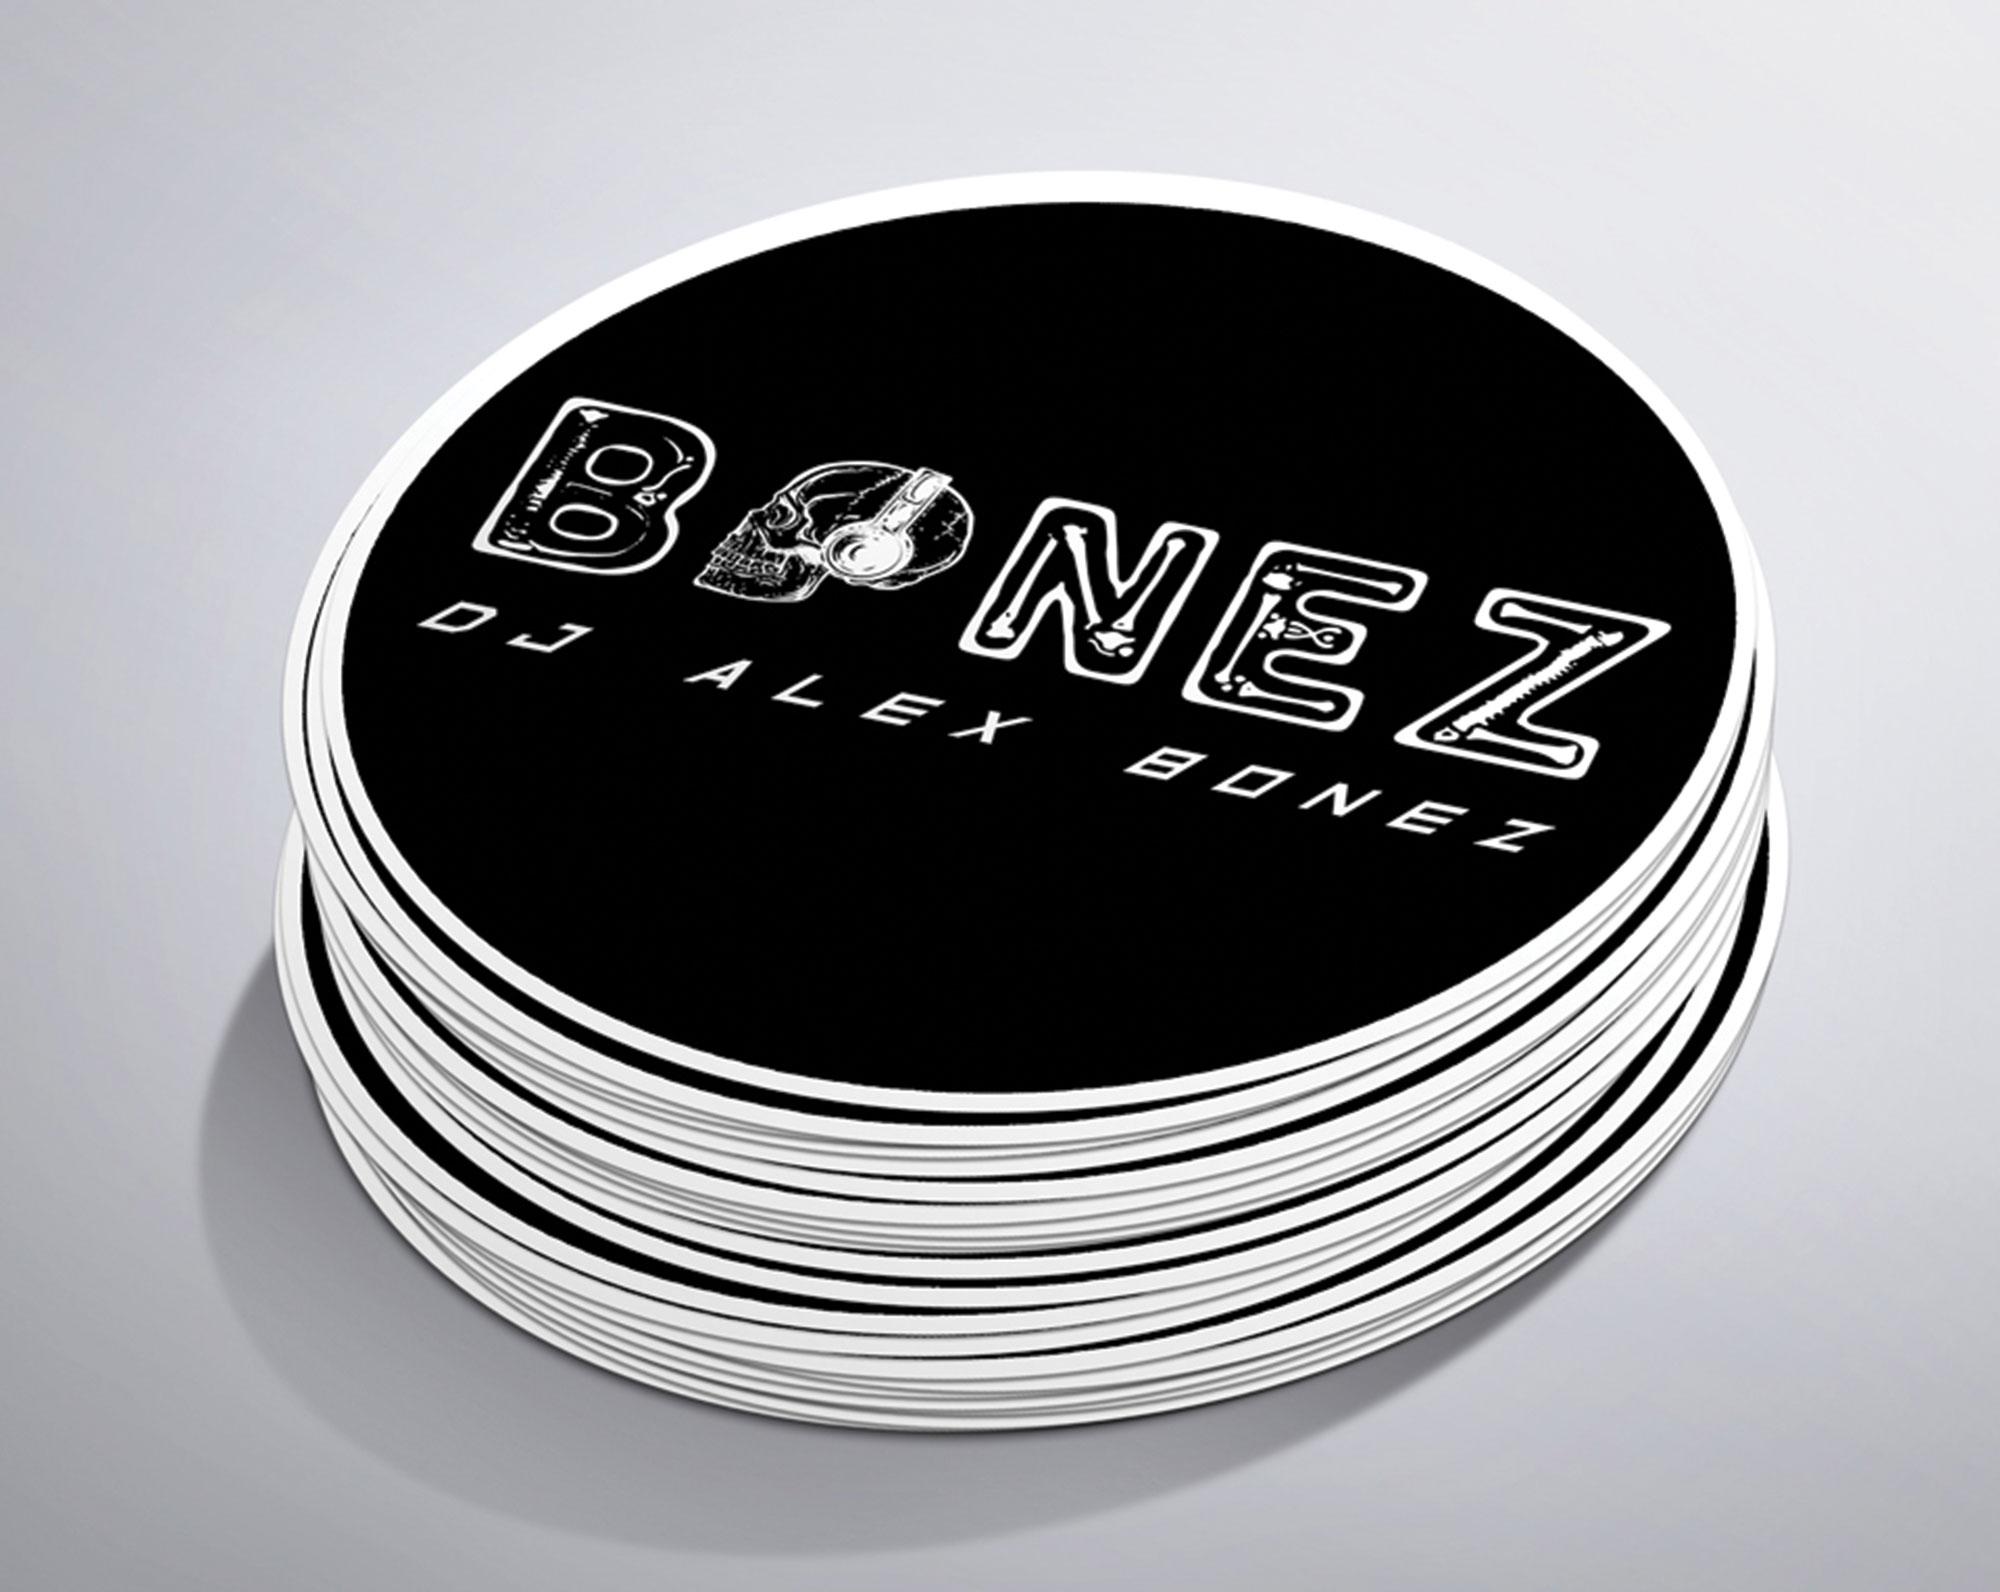 Bonez-sticker.jpg